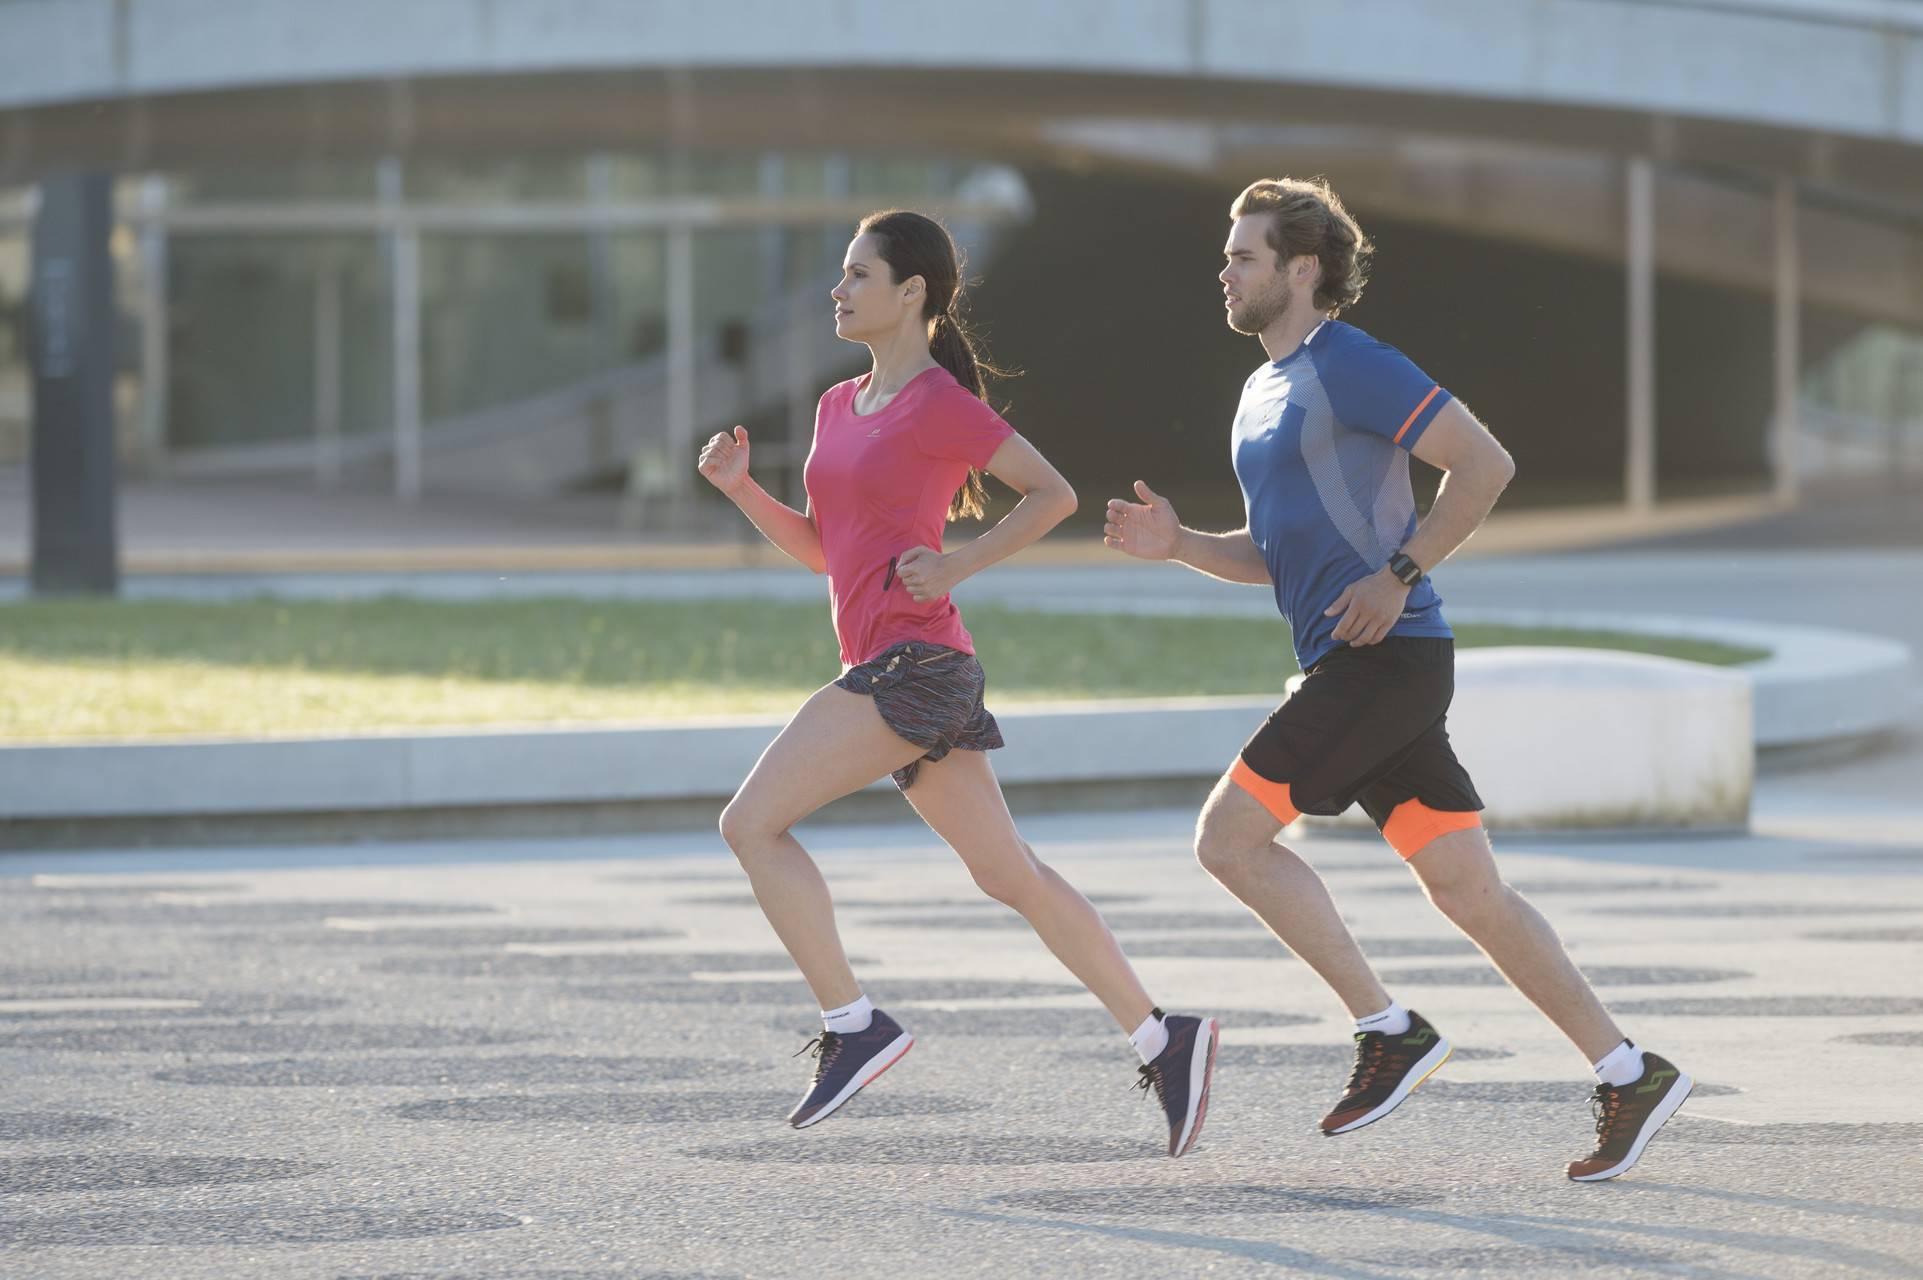 Kako umanjiti bol u nogama nakon trčanja